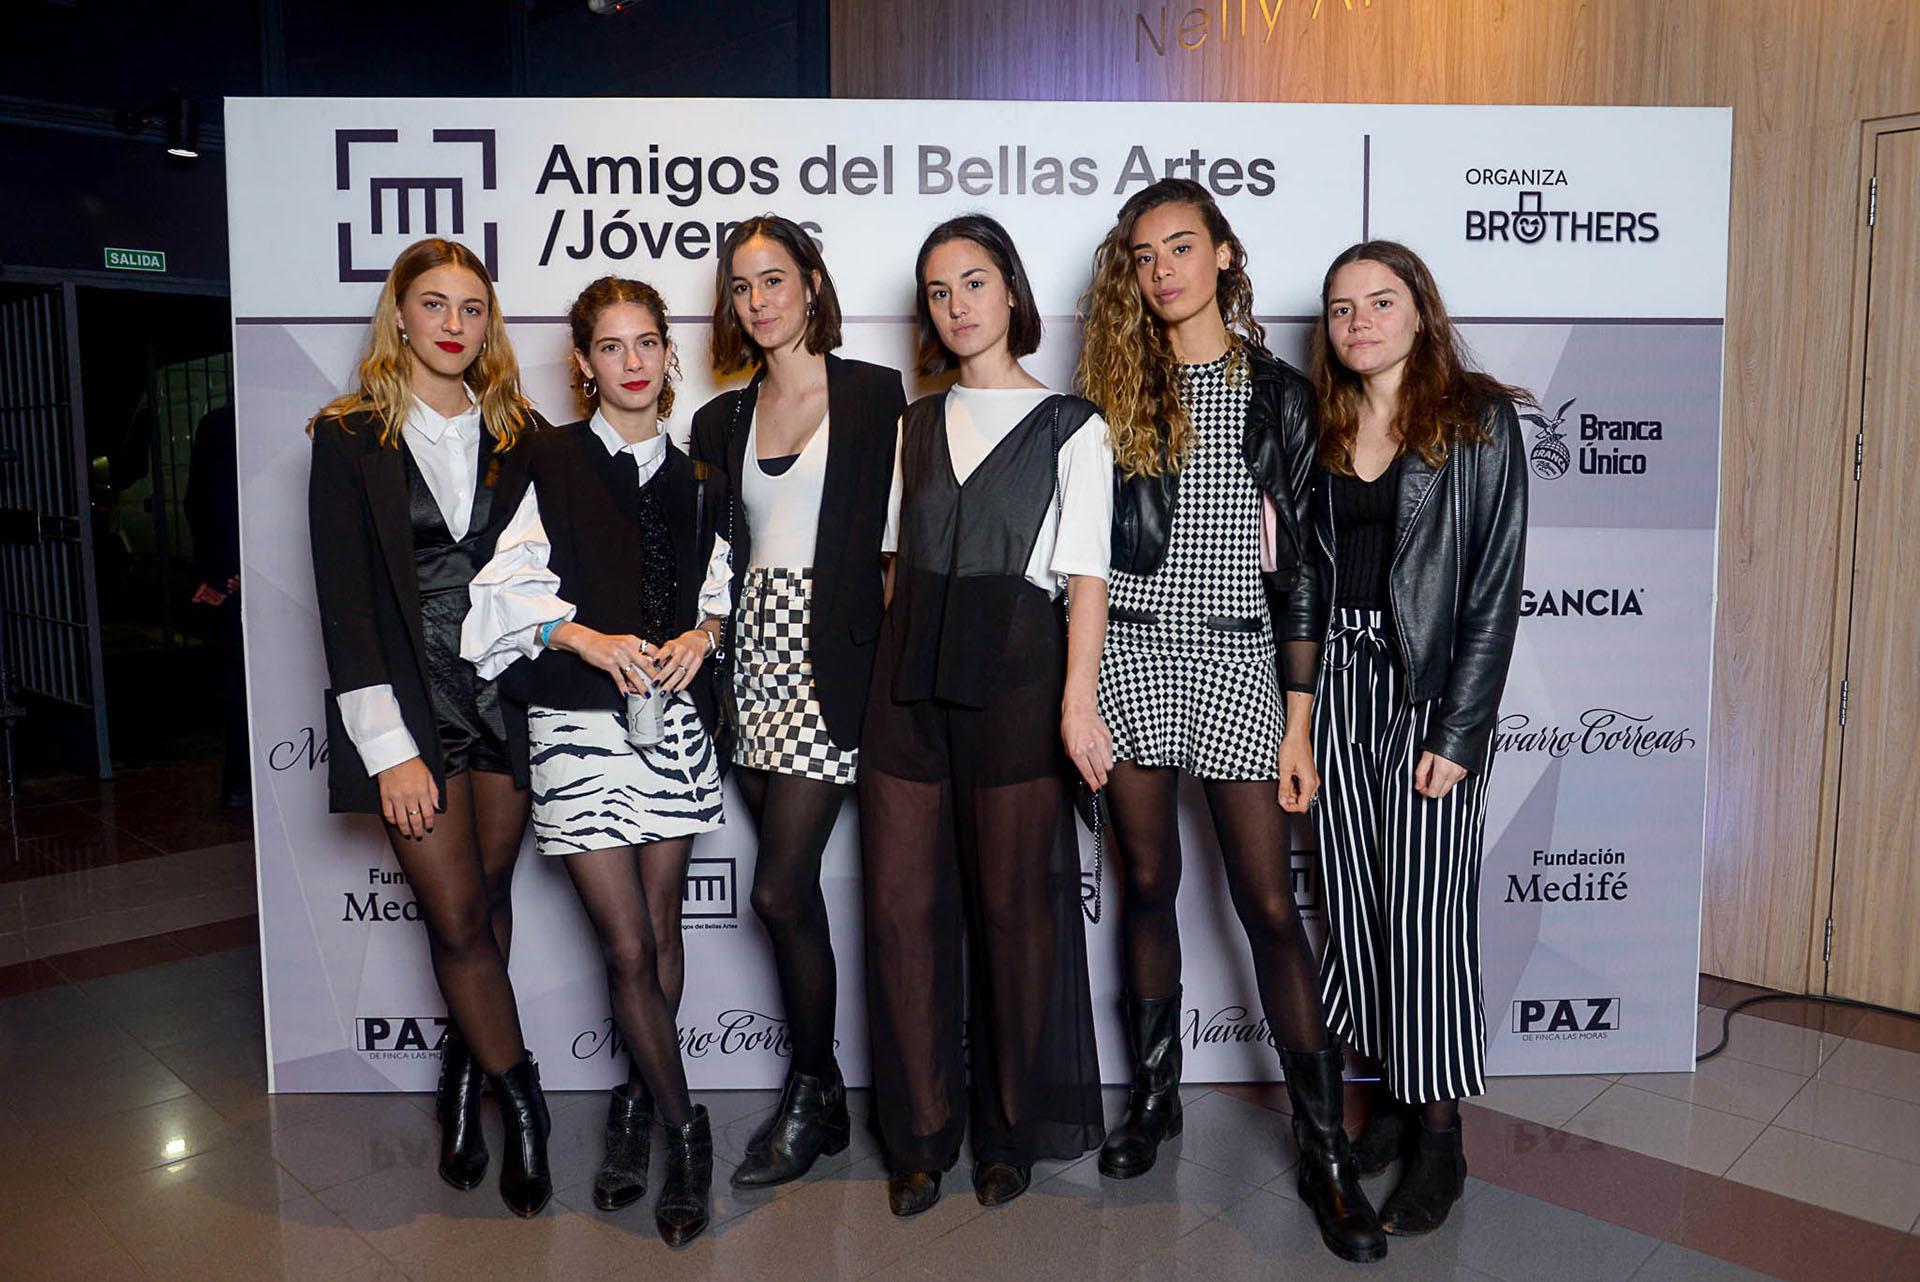 Clara Brave, Sofía Speroni, Juana González Lobo, Serena de Elía, Giorgia Alliatta y Calu Perret